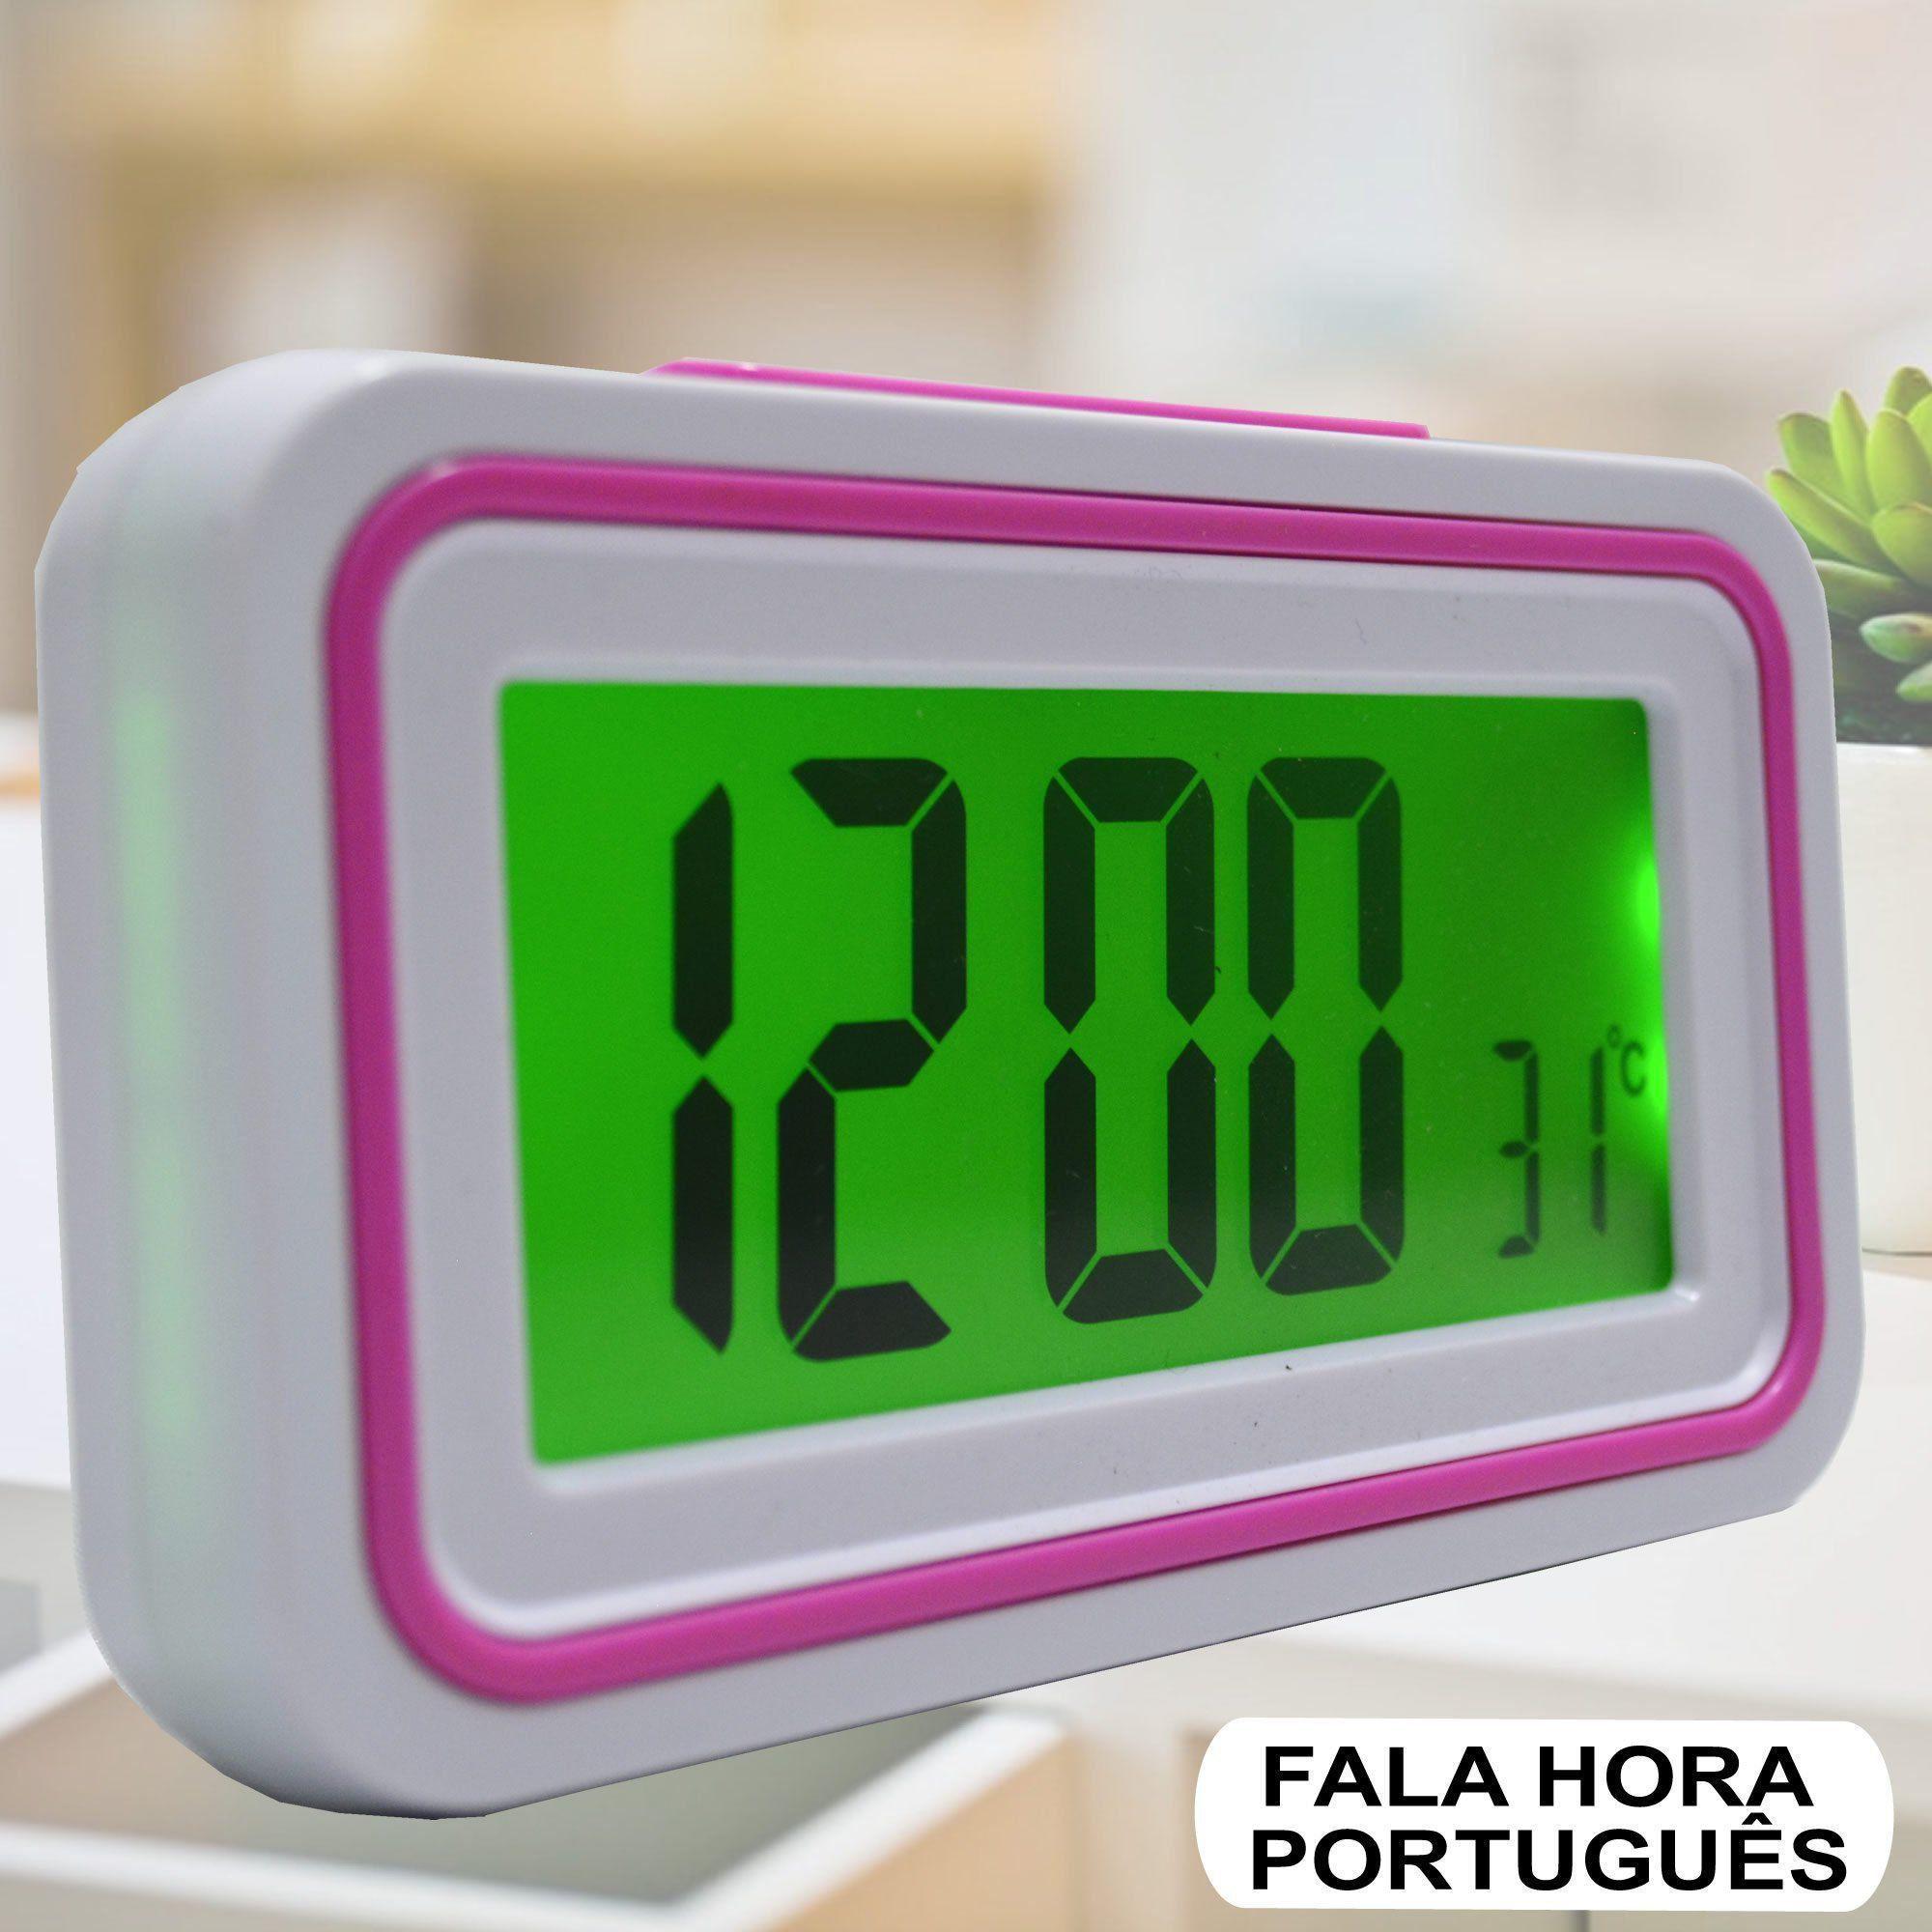 Relógio Digital LCD Fala Hora Em Português Pink CBRN09084